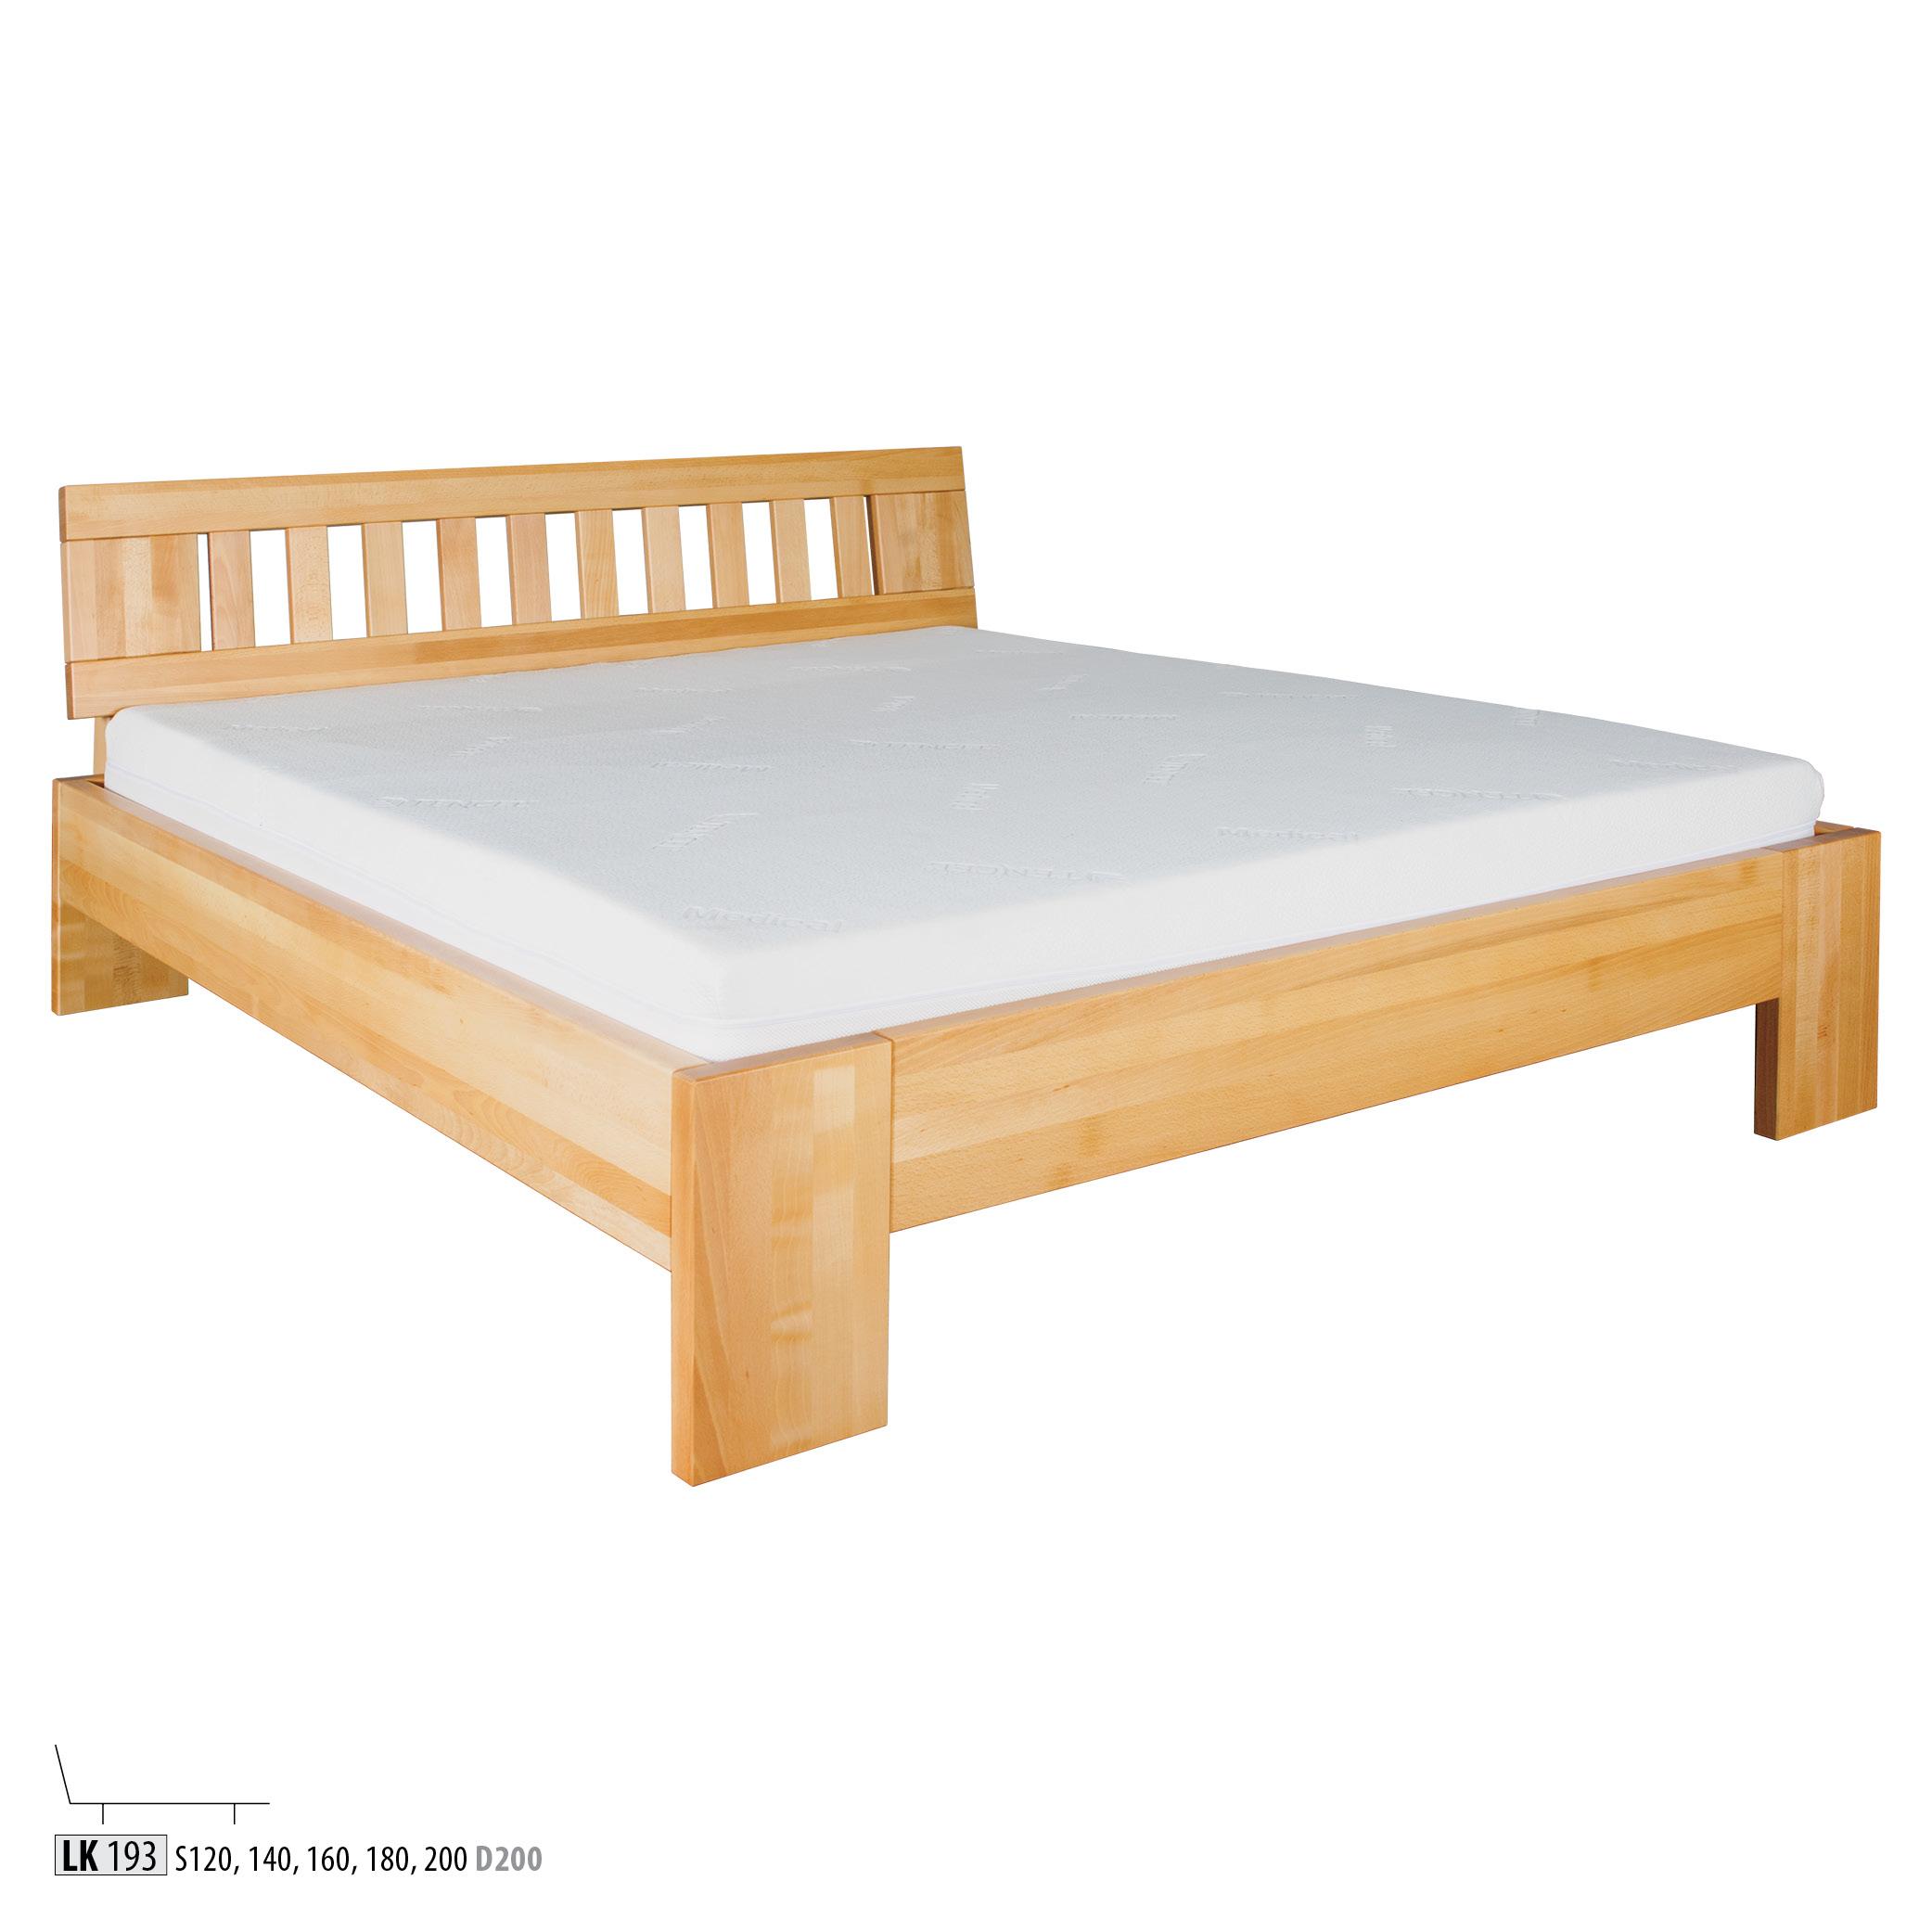 Łóżko bukowe - LK183 - LK193